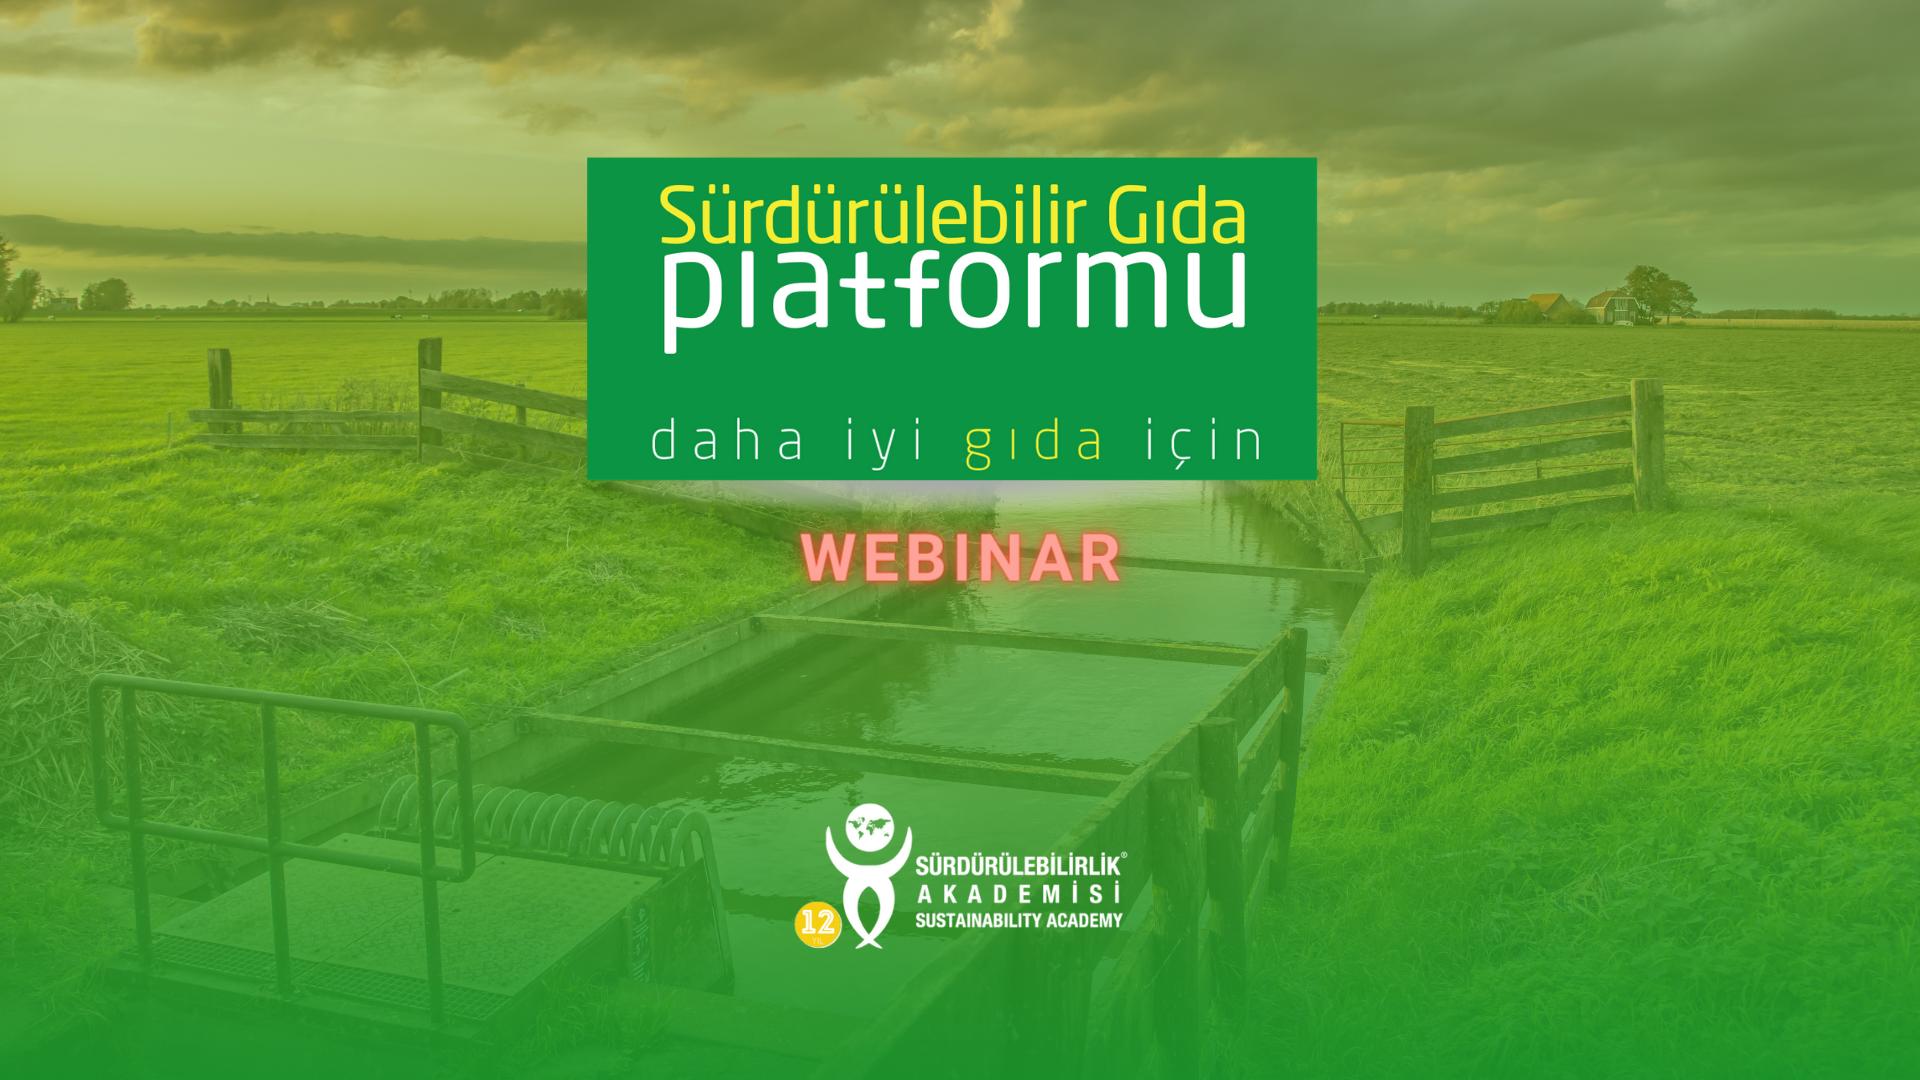 Sürdürülebilir Gıda Platformu Webinarları: Gıda Sektöründe Su Yönetimi